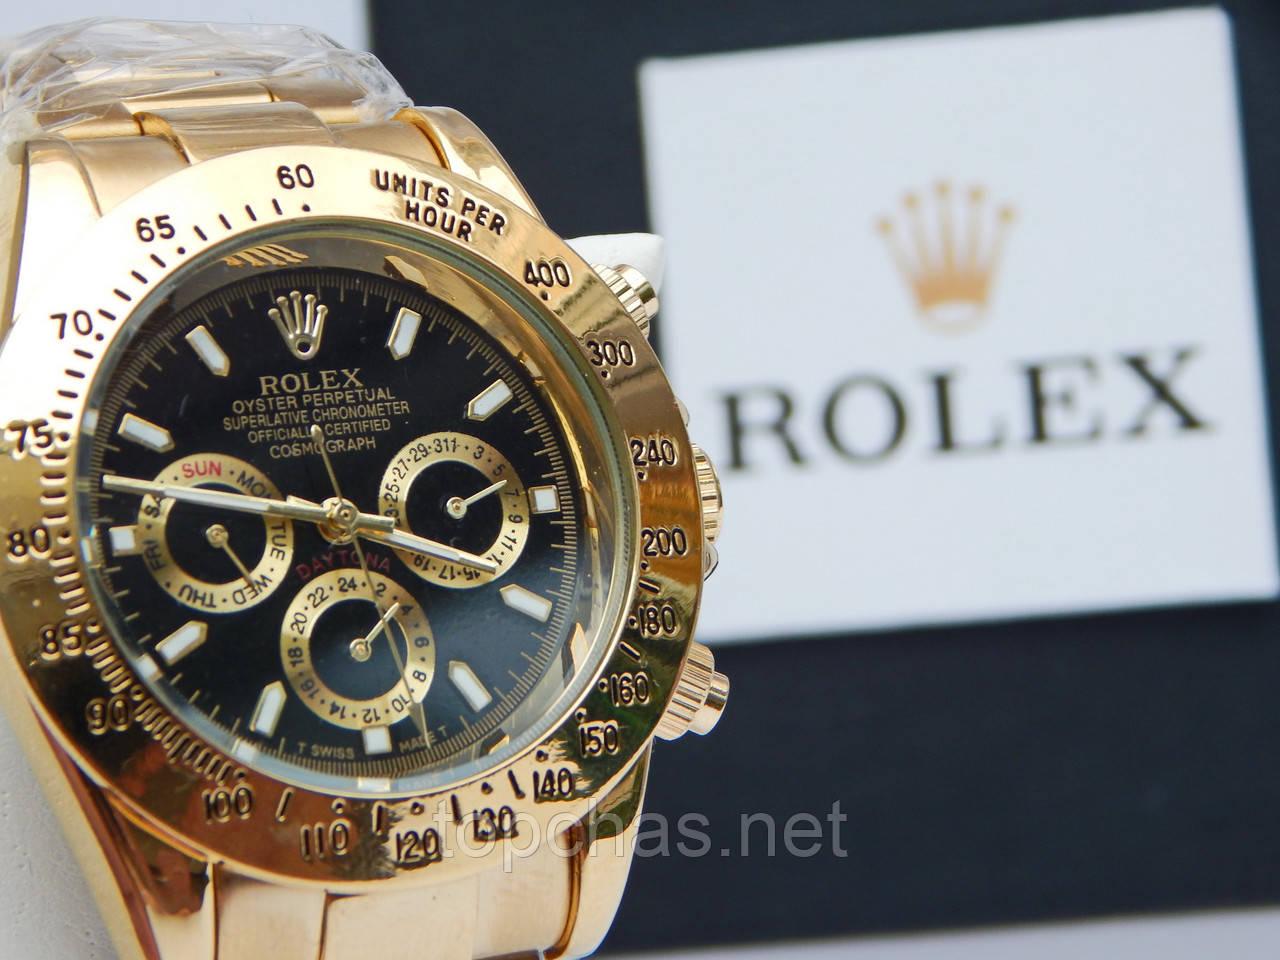 efeed7ad2ac4 Мужские механические наручные часы Rolex Daytona со всеми работающими  (активными) циферблатами